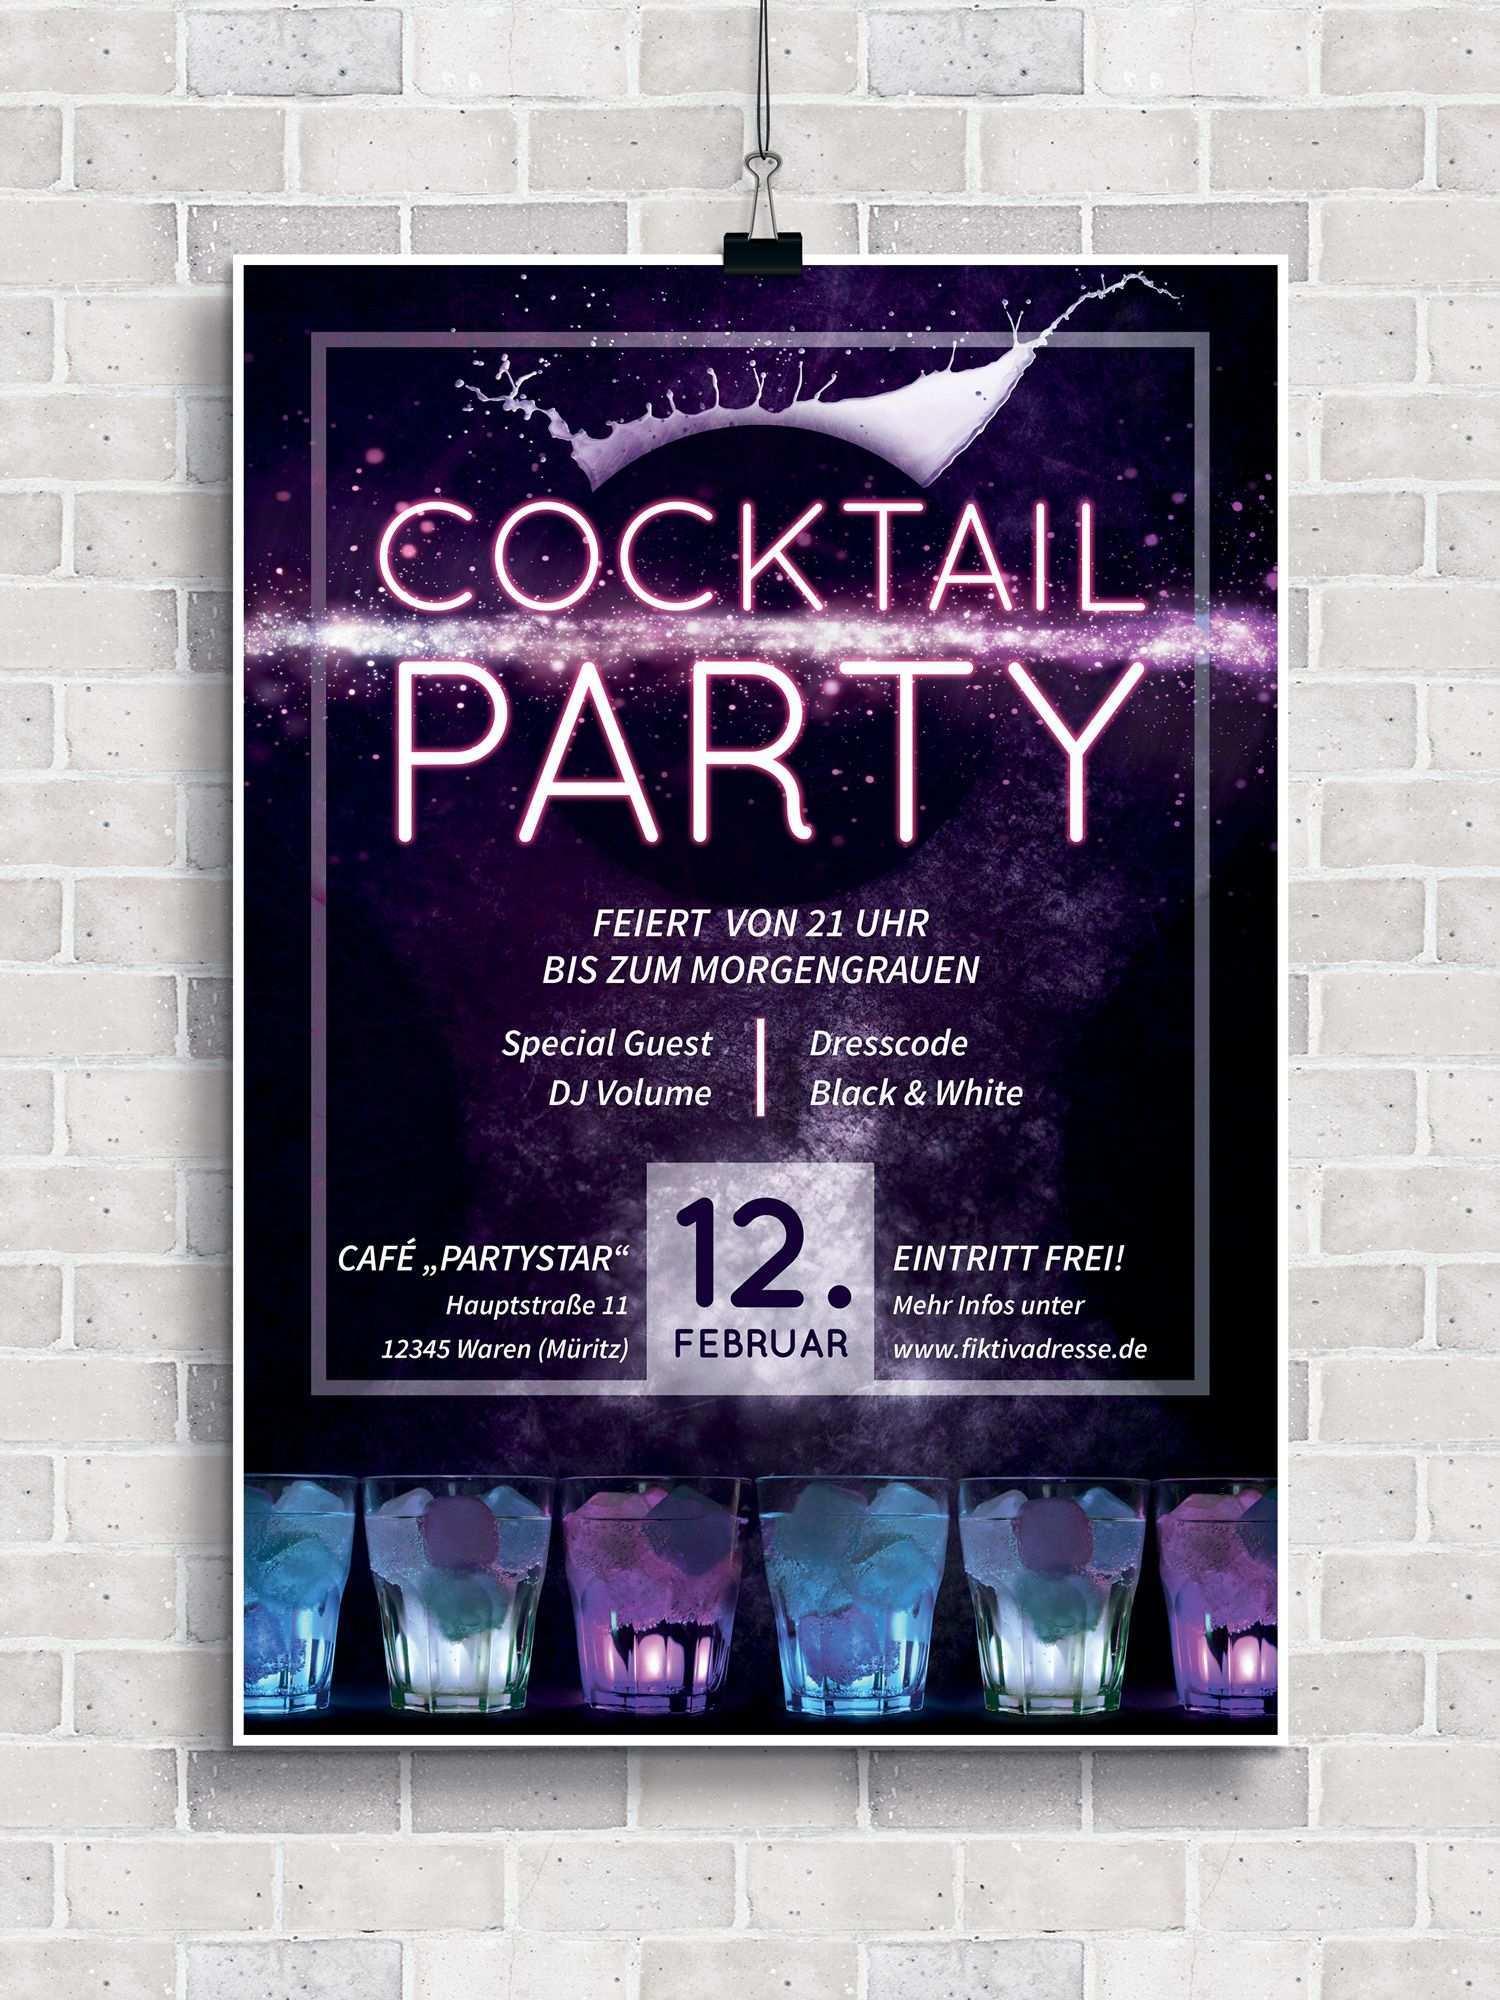 Party Flyer Plakate Vorlagen Herunterladen Und Erstellen Flyer Vorlage Flyer Vorlagen